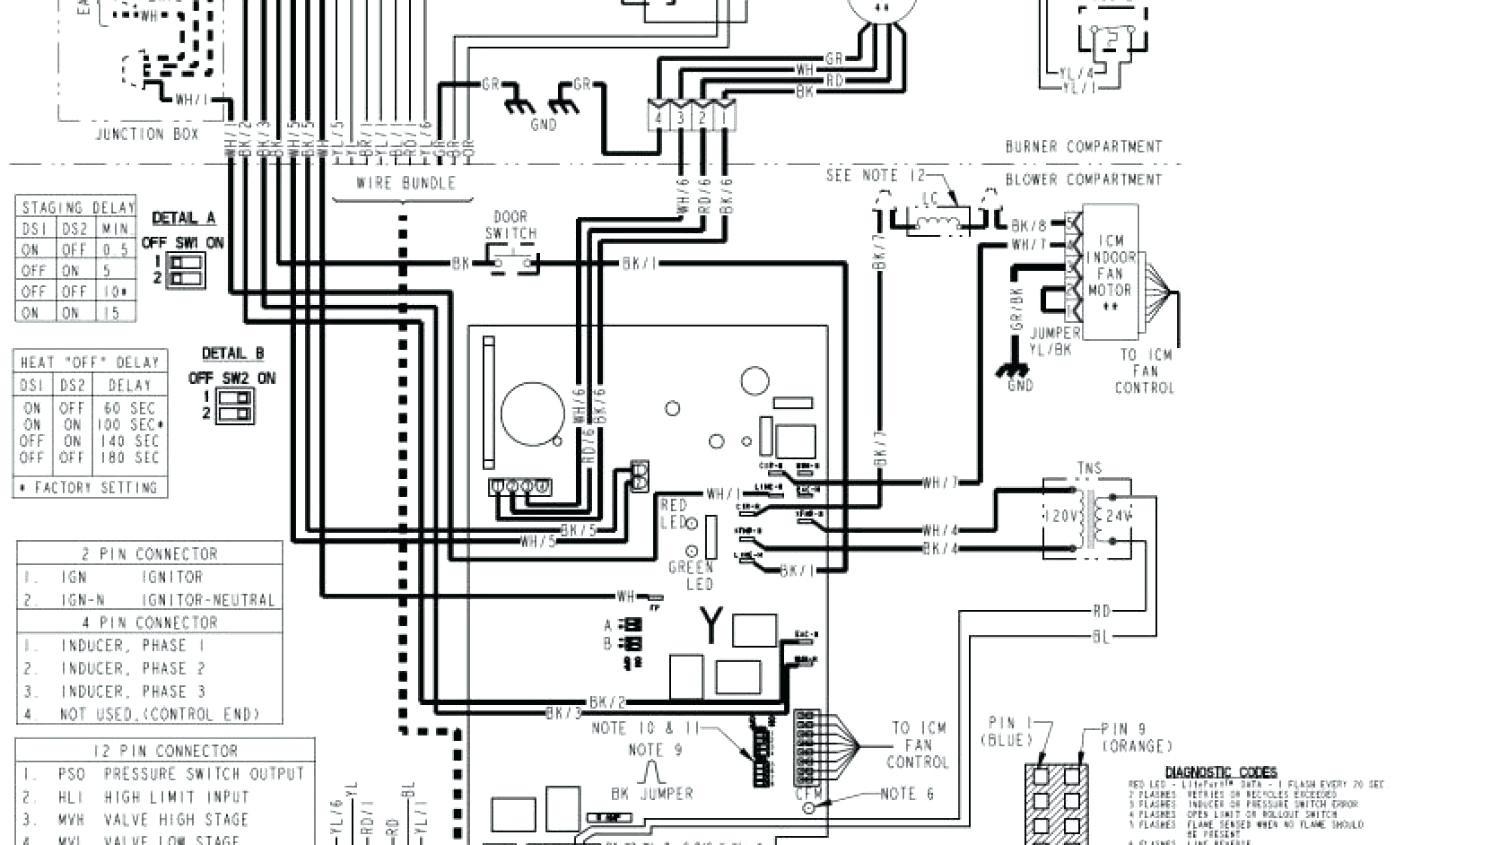 Eo Heat Pump Wiring Explained Schematic Wiring